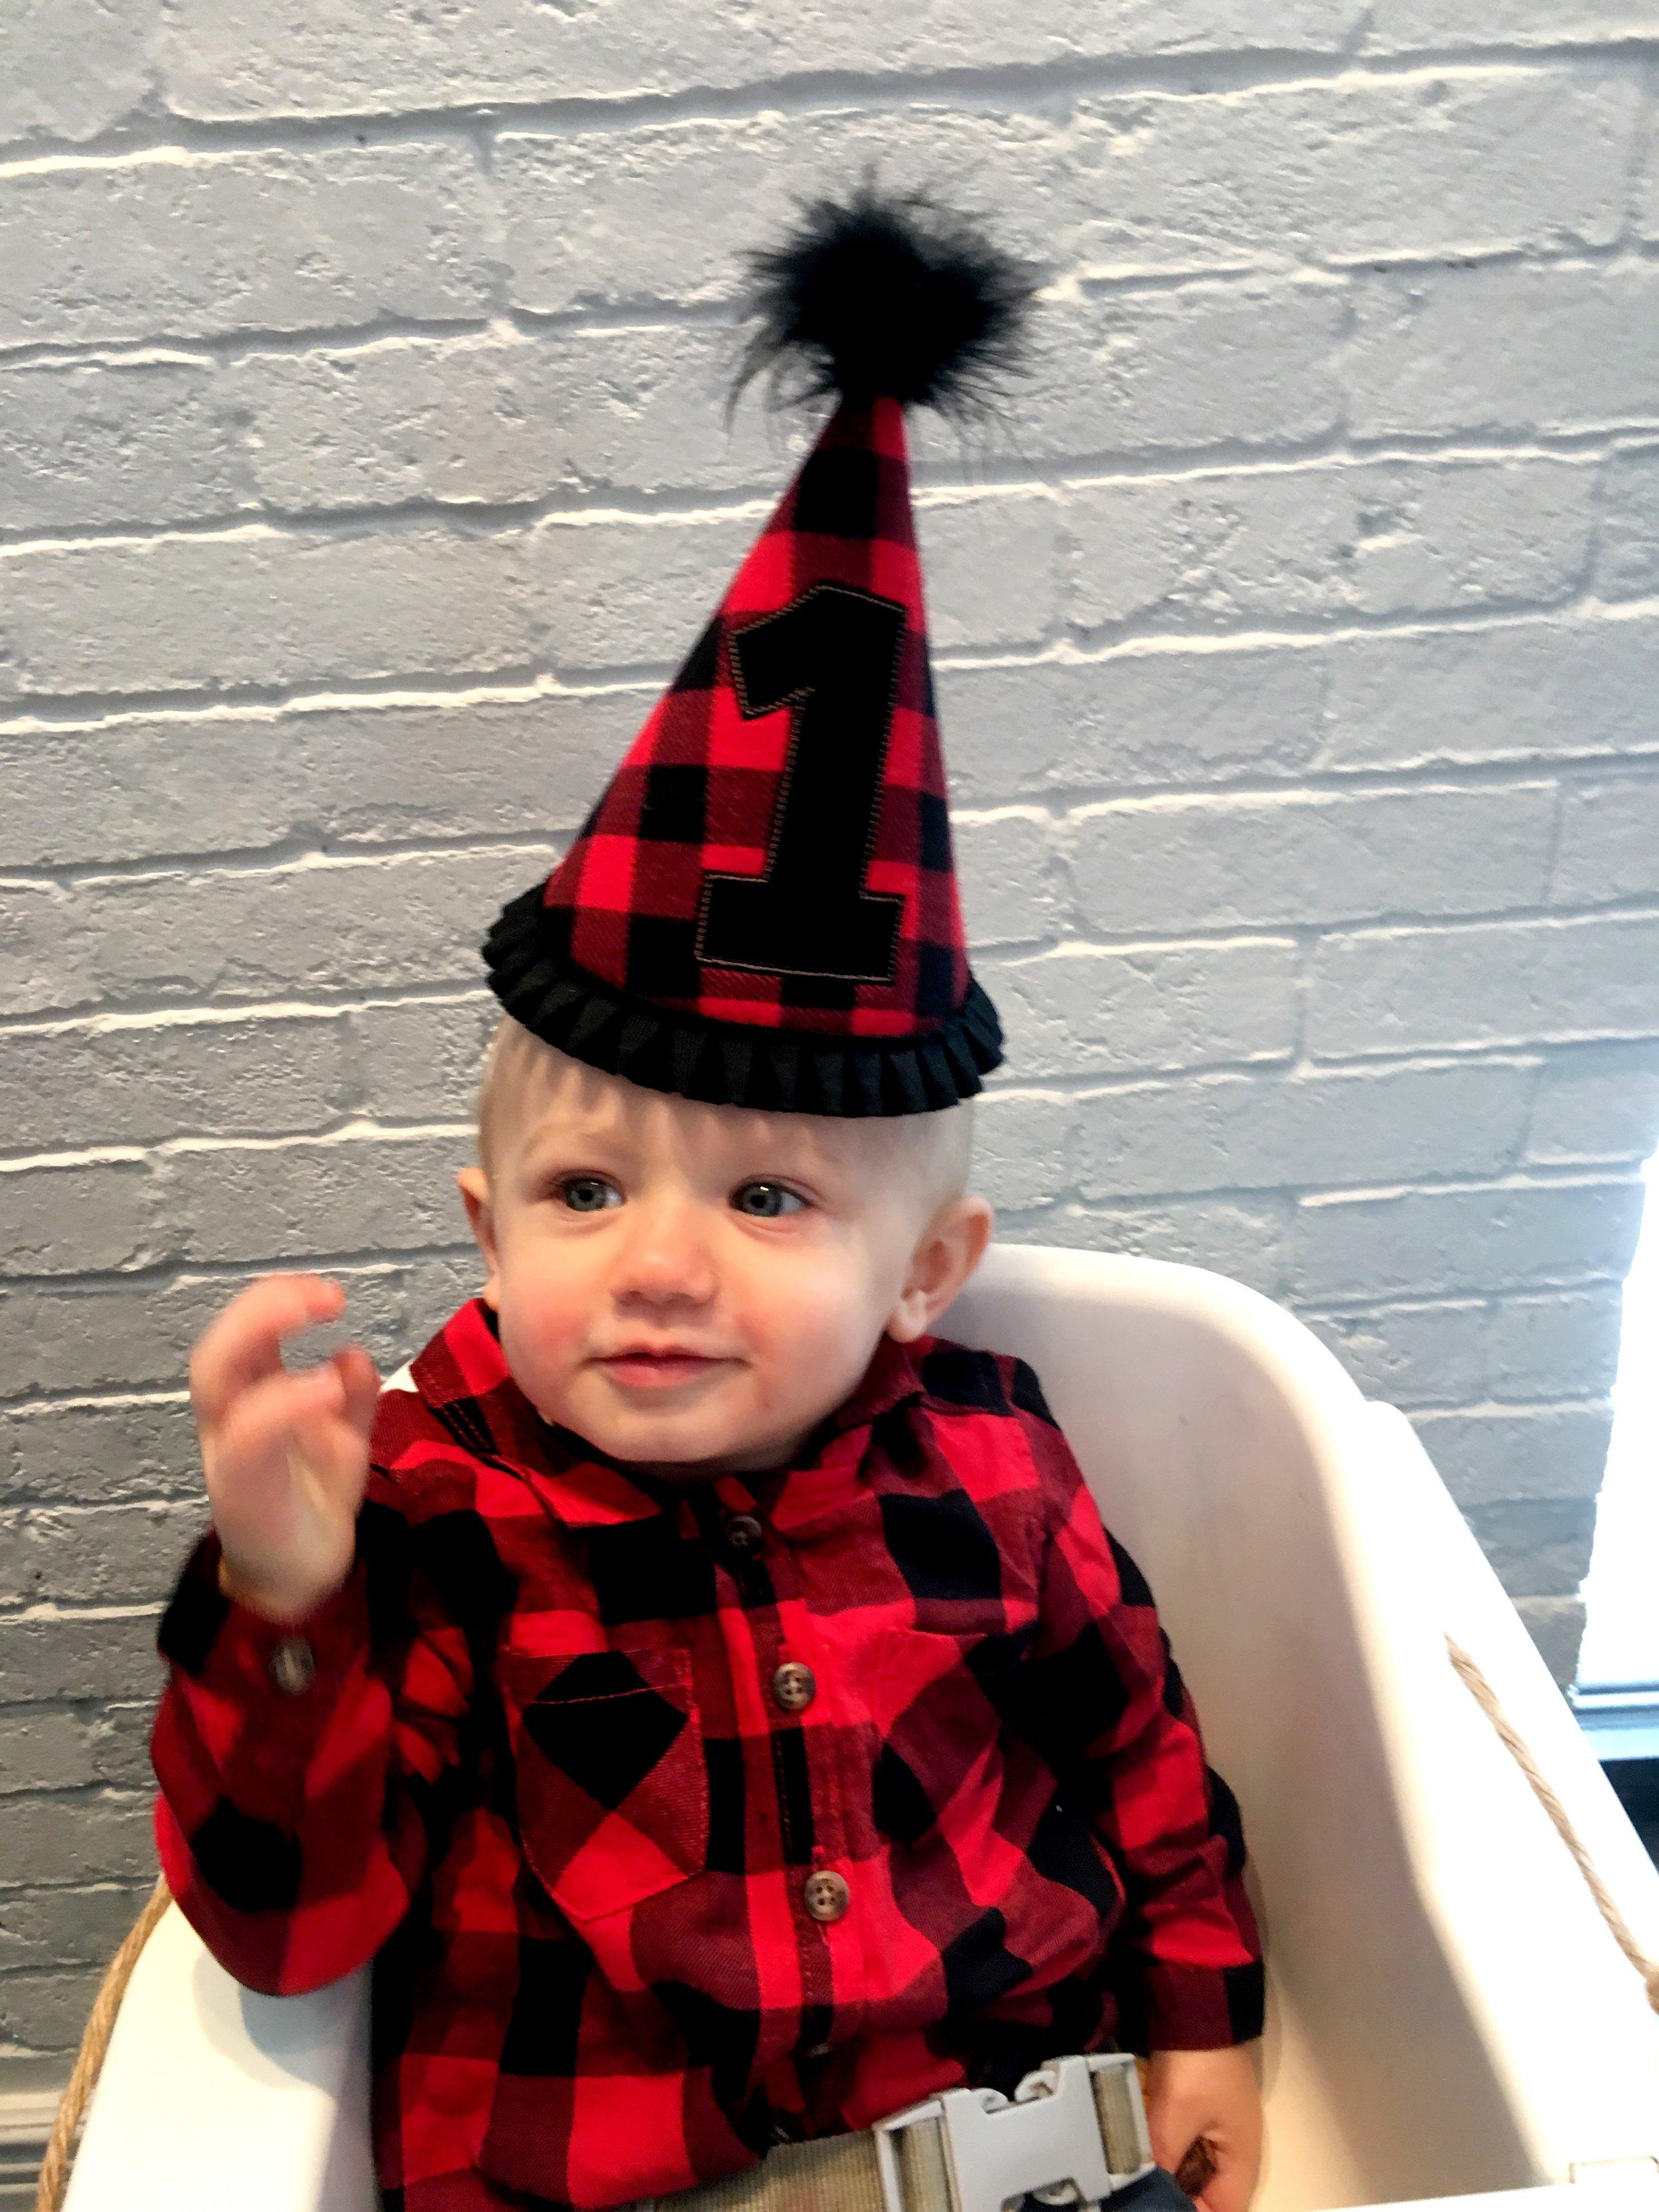 The birthday boy - Hat by FreshforHim